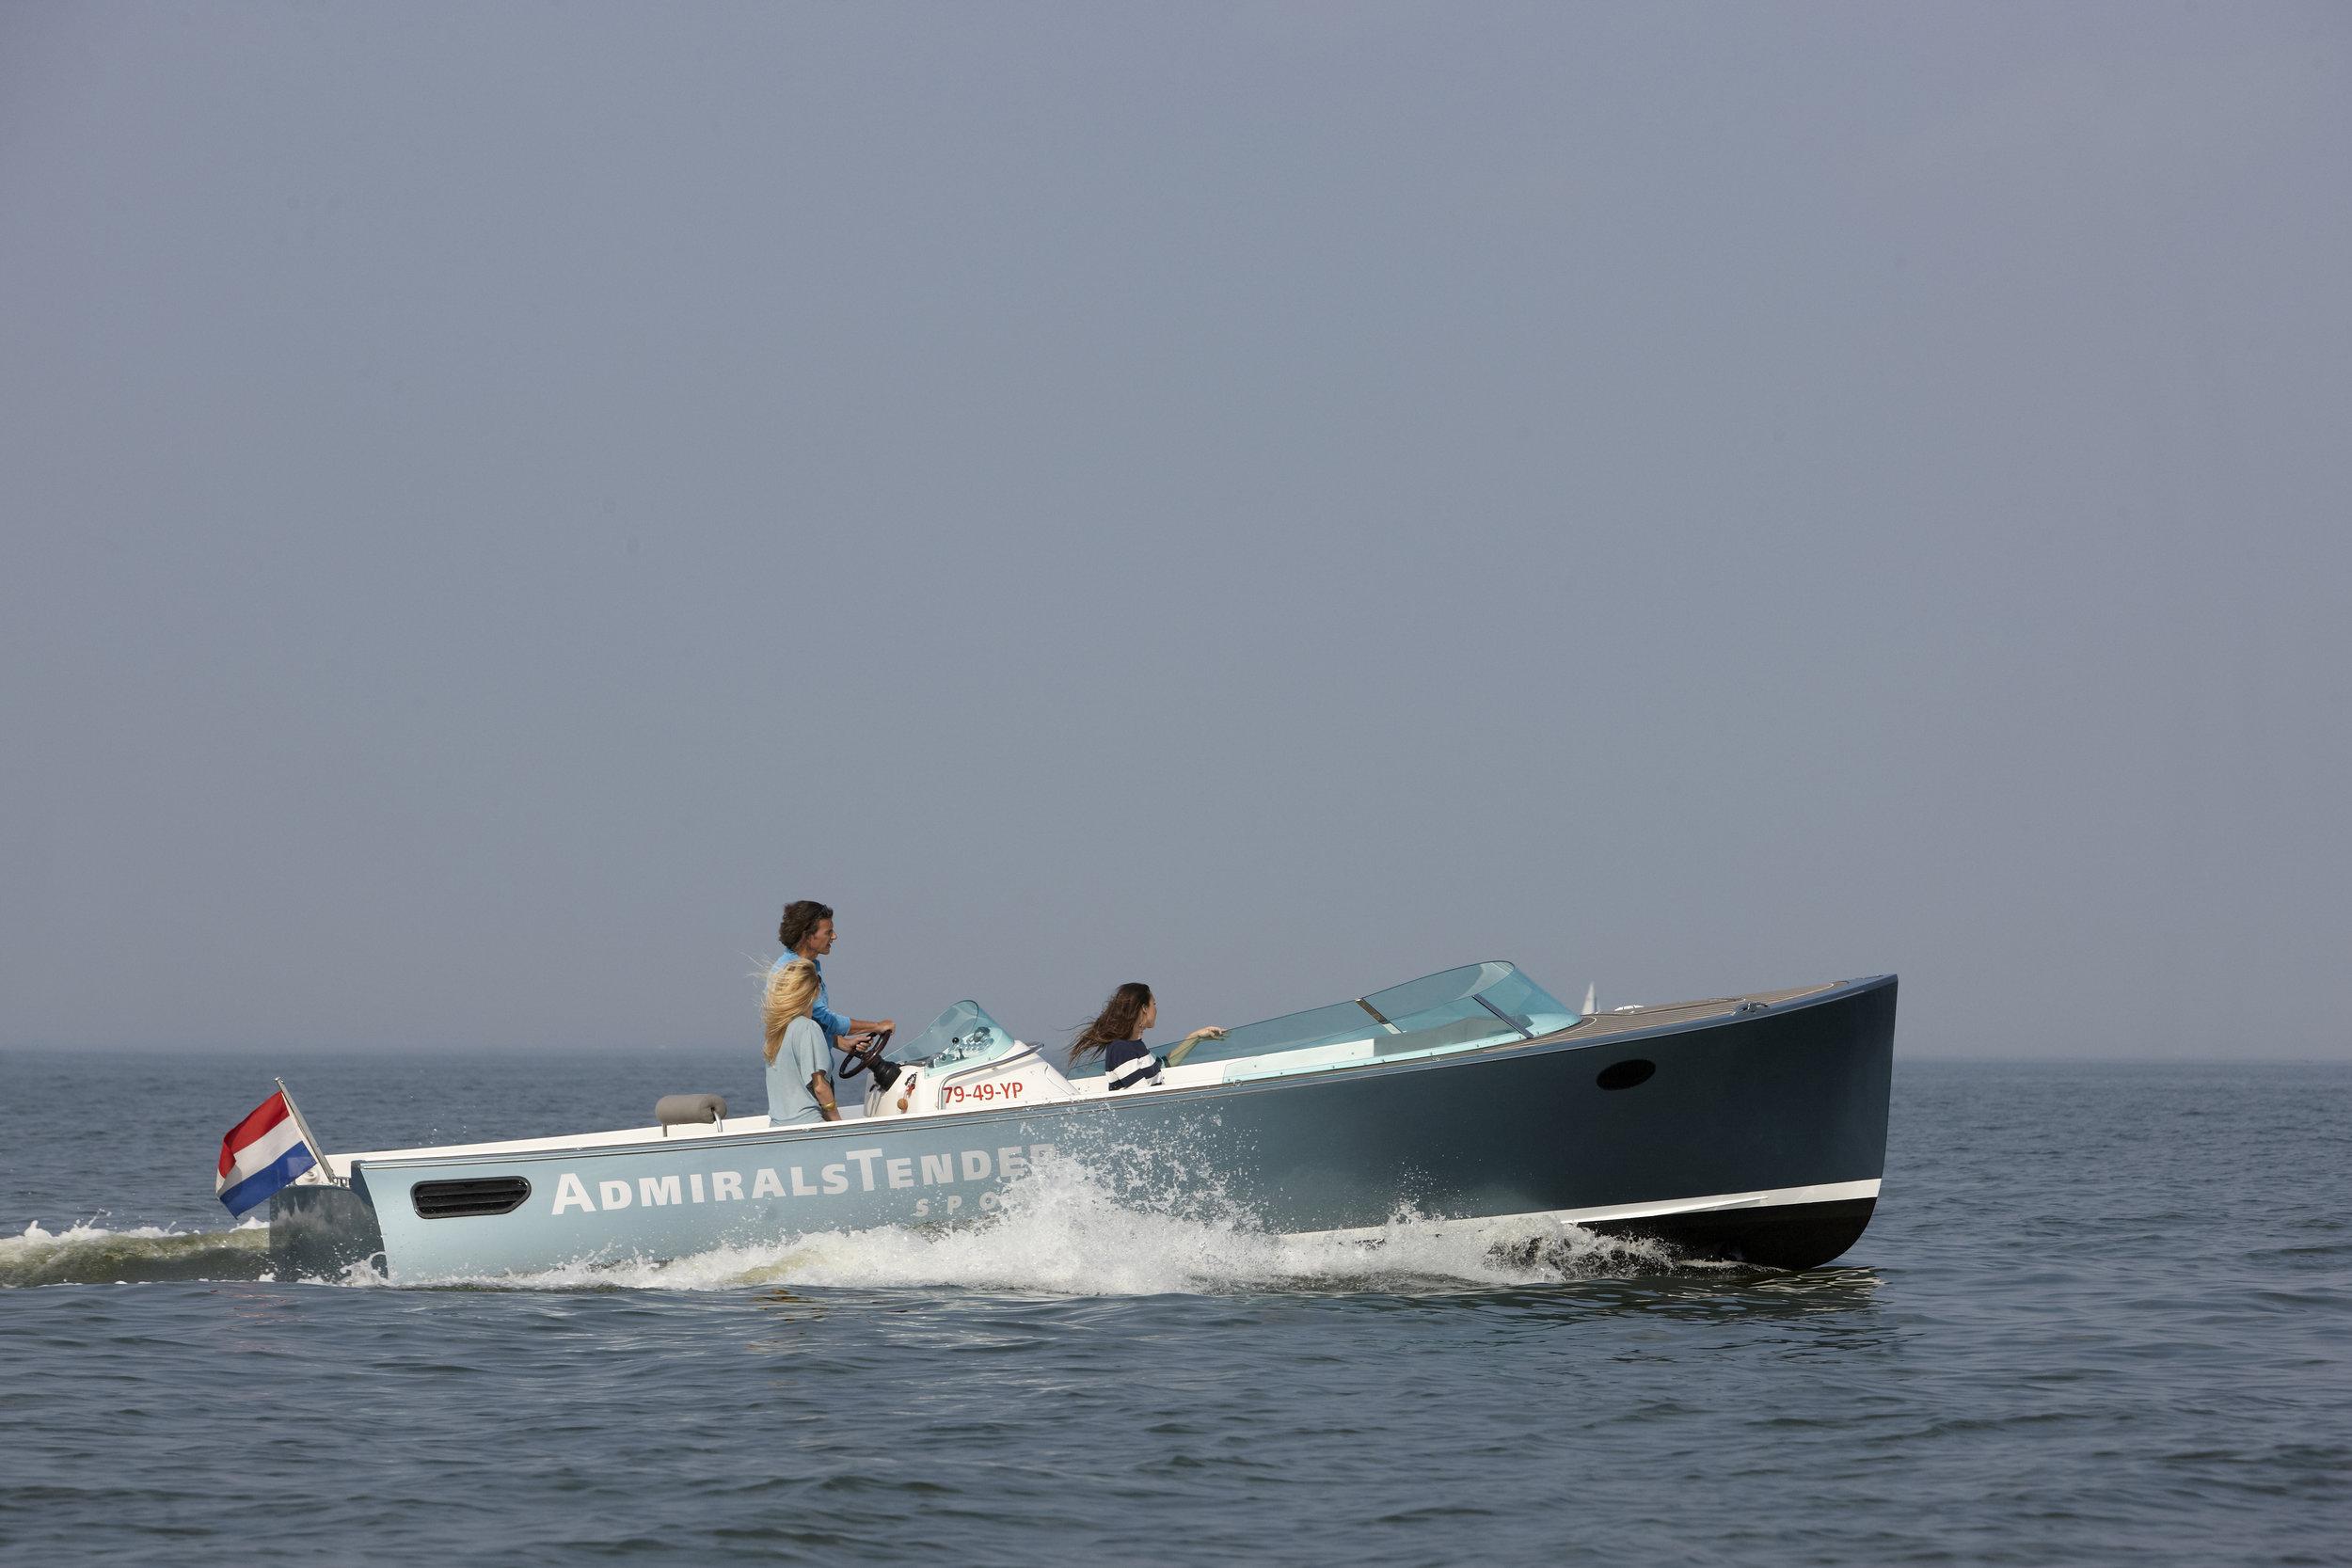 AdmiralsTender-0979.jpg